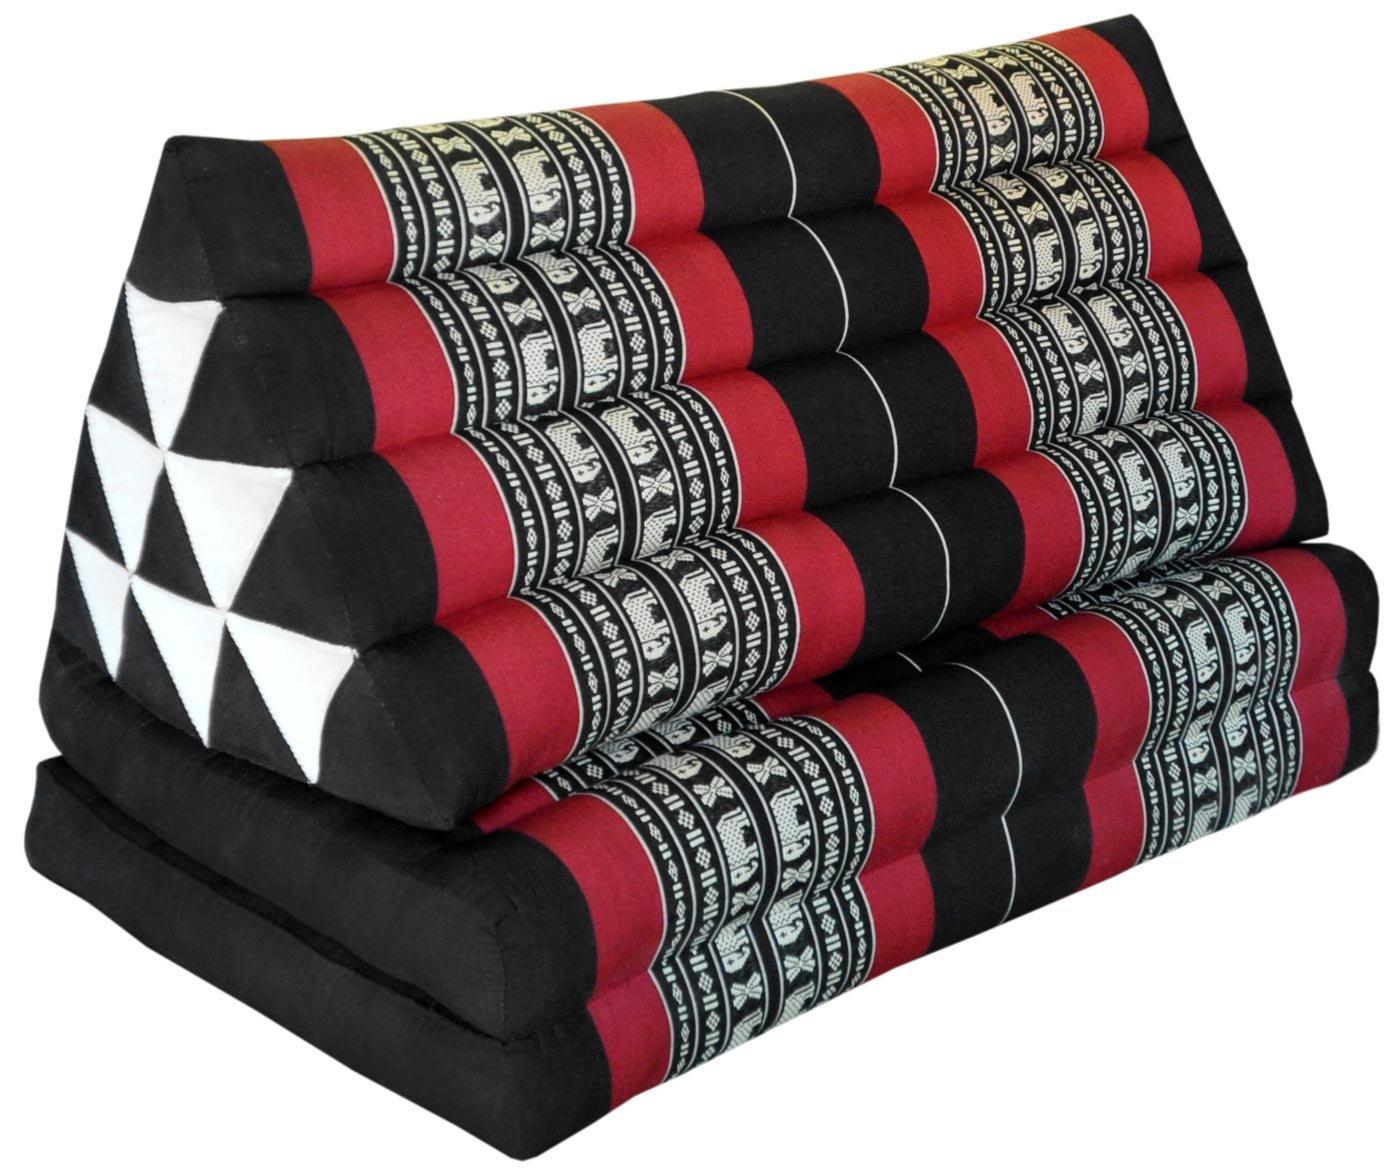 Wilai Kapok Thaikissen, Yogakissen, Massagekissen, Kopfkissen, Tantrakissen, Sitzkissen - schwarz/rot Elefant (Kissen mit zwei Auflagen XXL 79x49x46 (81617))